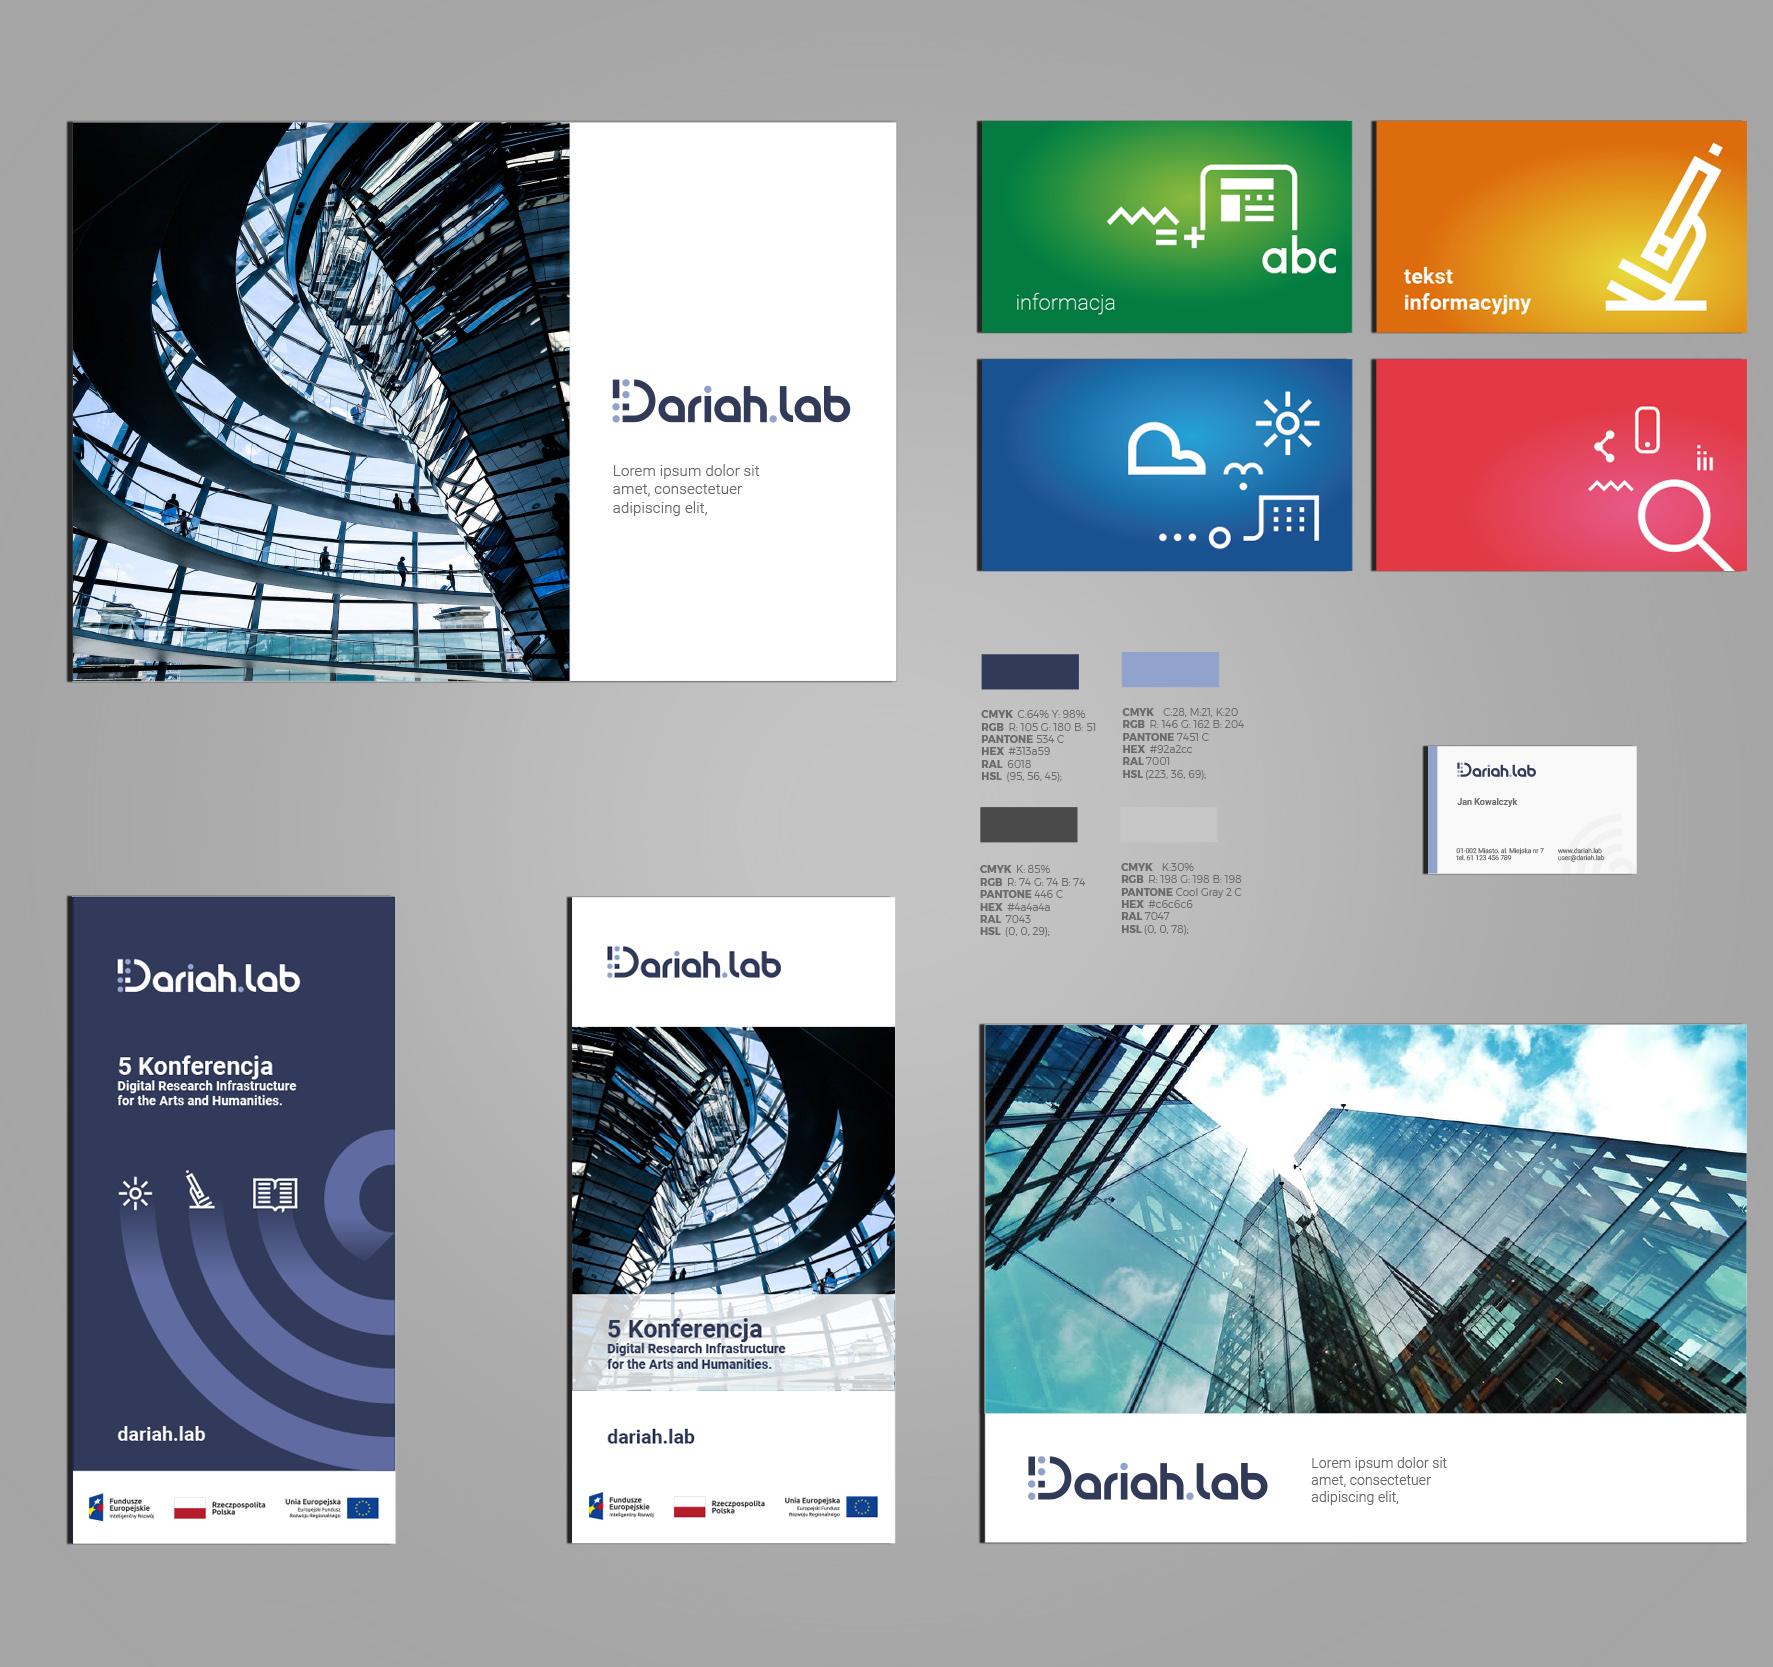 Dariah.lab - Identyfikacja wizualna - foldery, roll up, reklama, design, power point